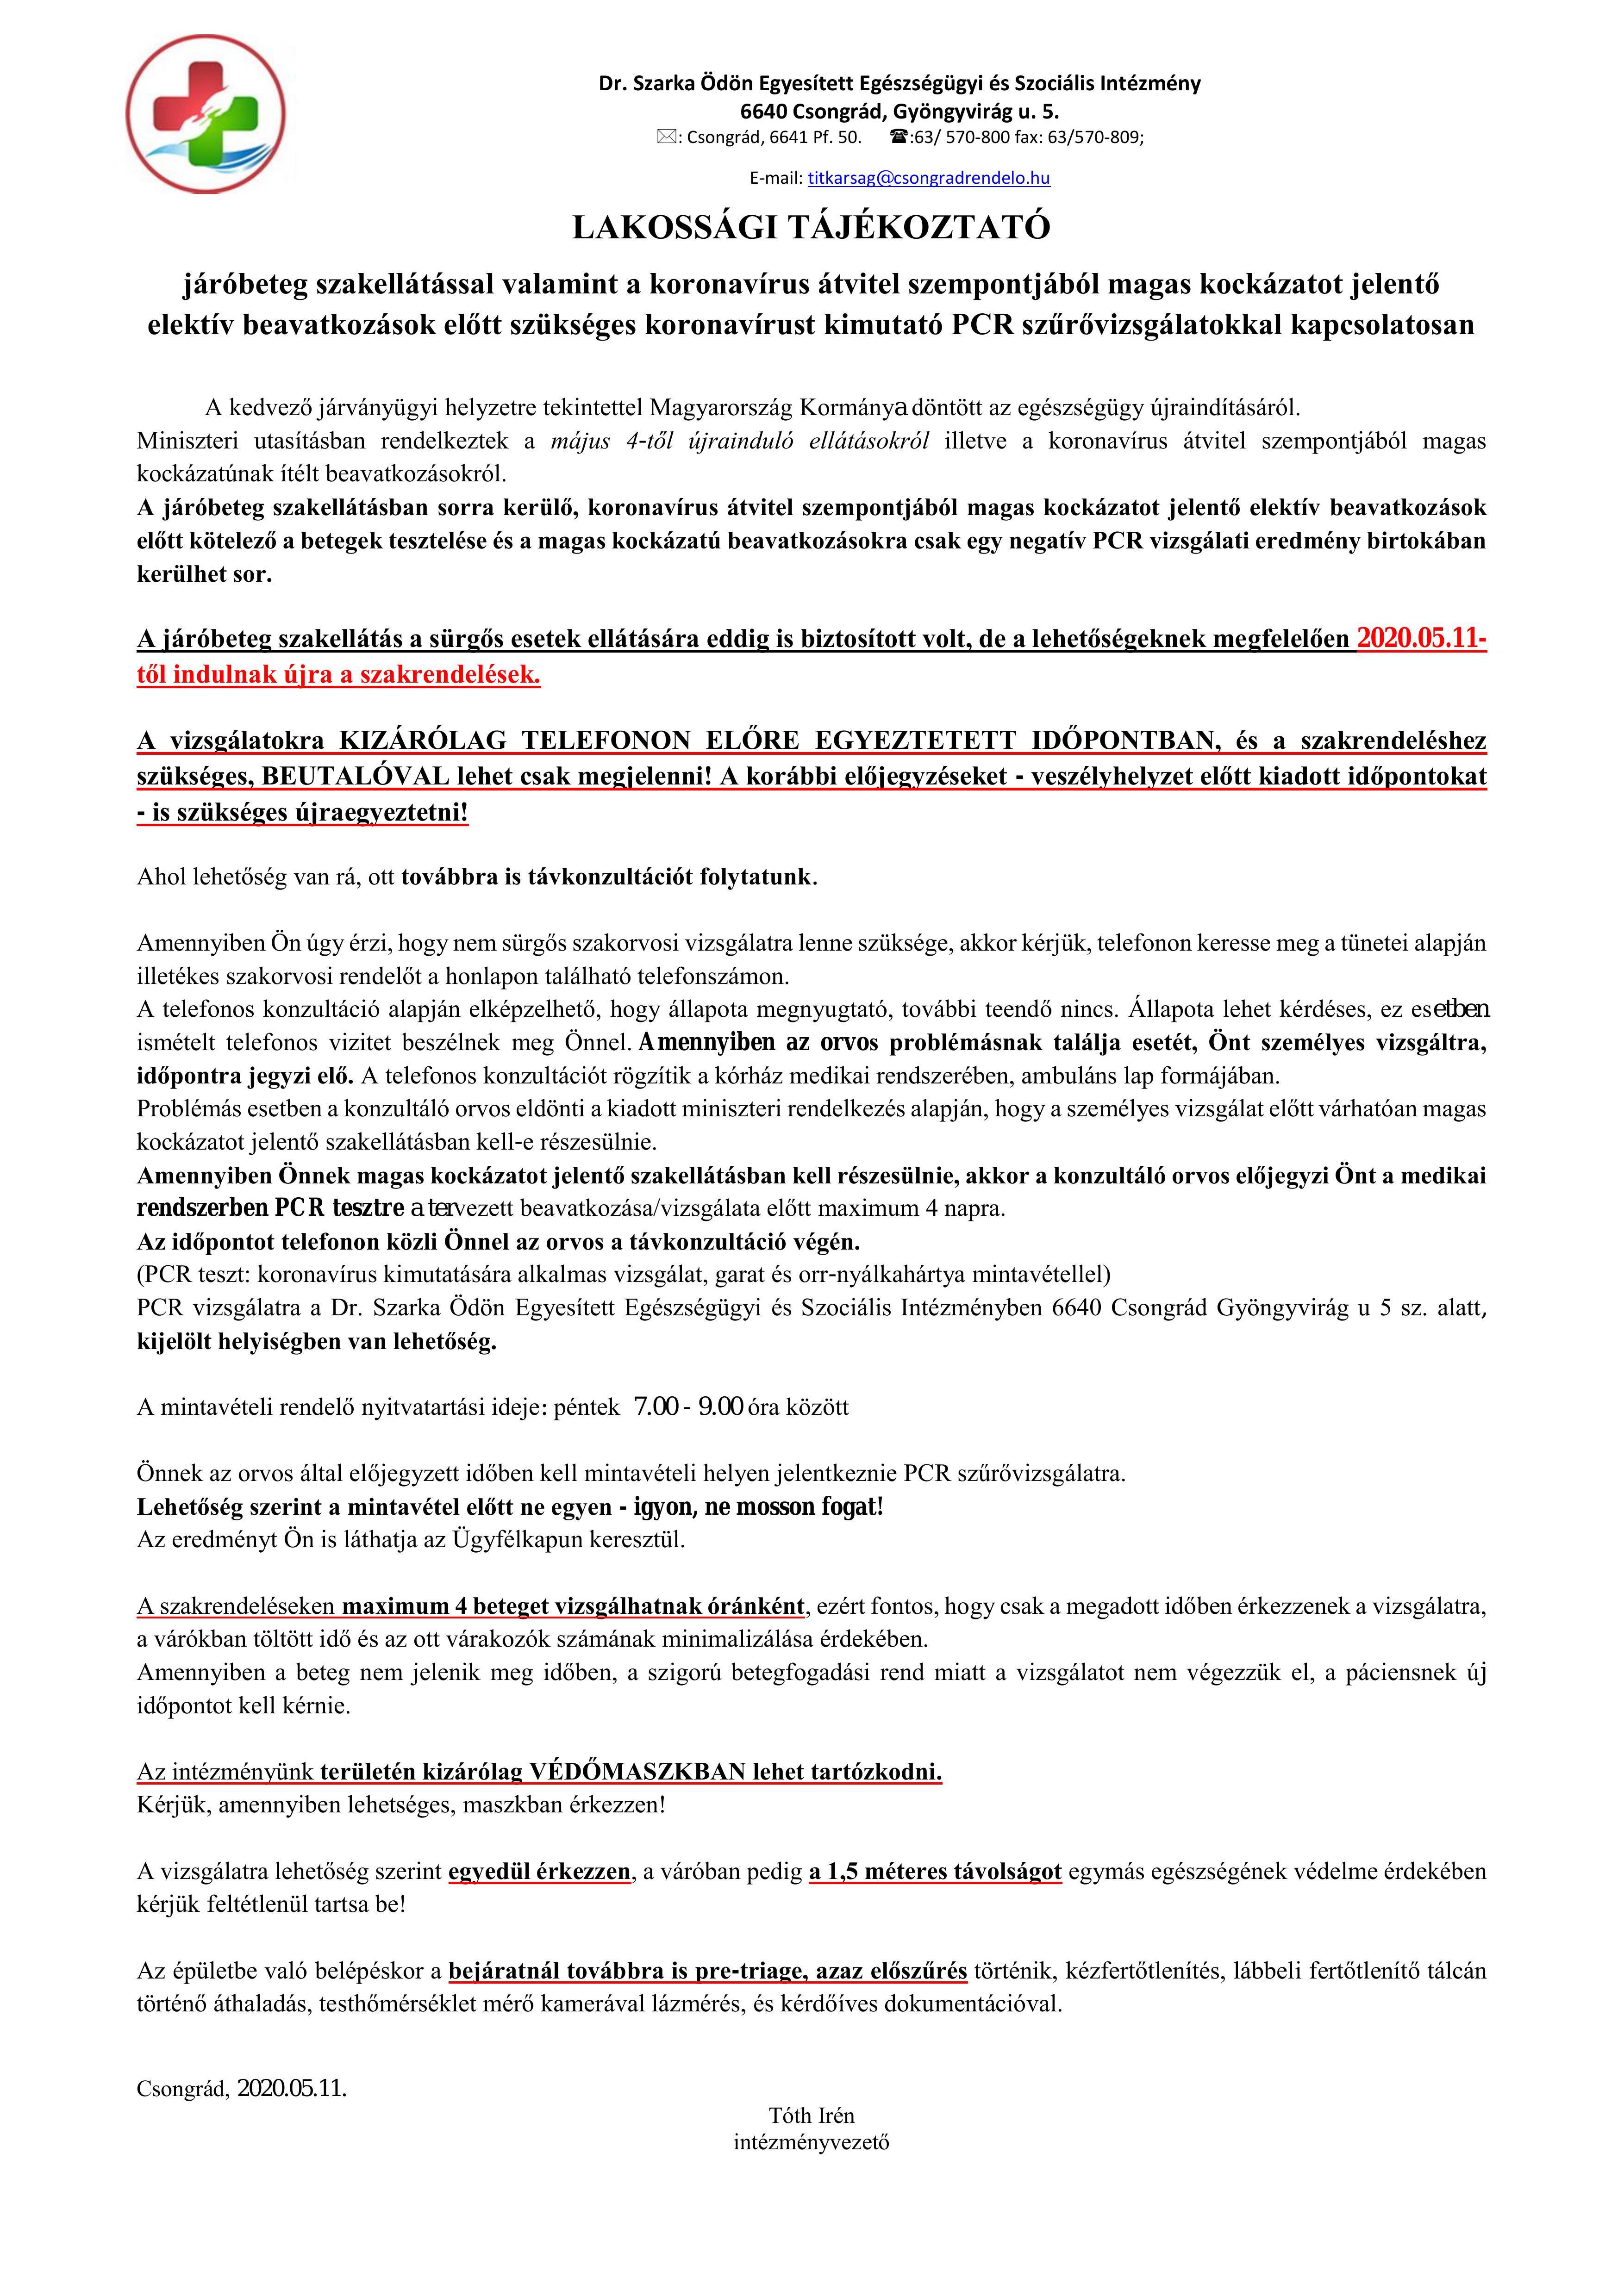 Cikk kép: Lakossági tájékoztató: Járóbeteg szakellátásról és a PCR szűrővizsgálatokról